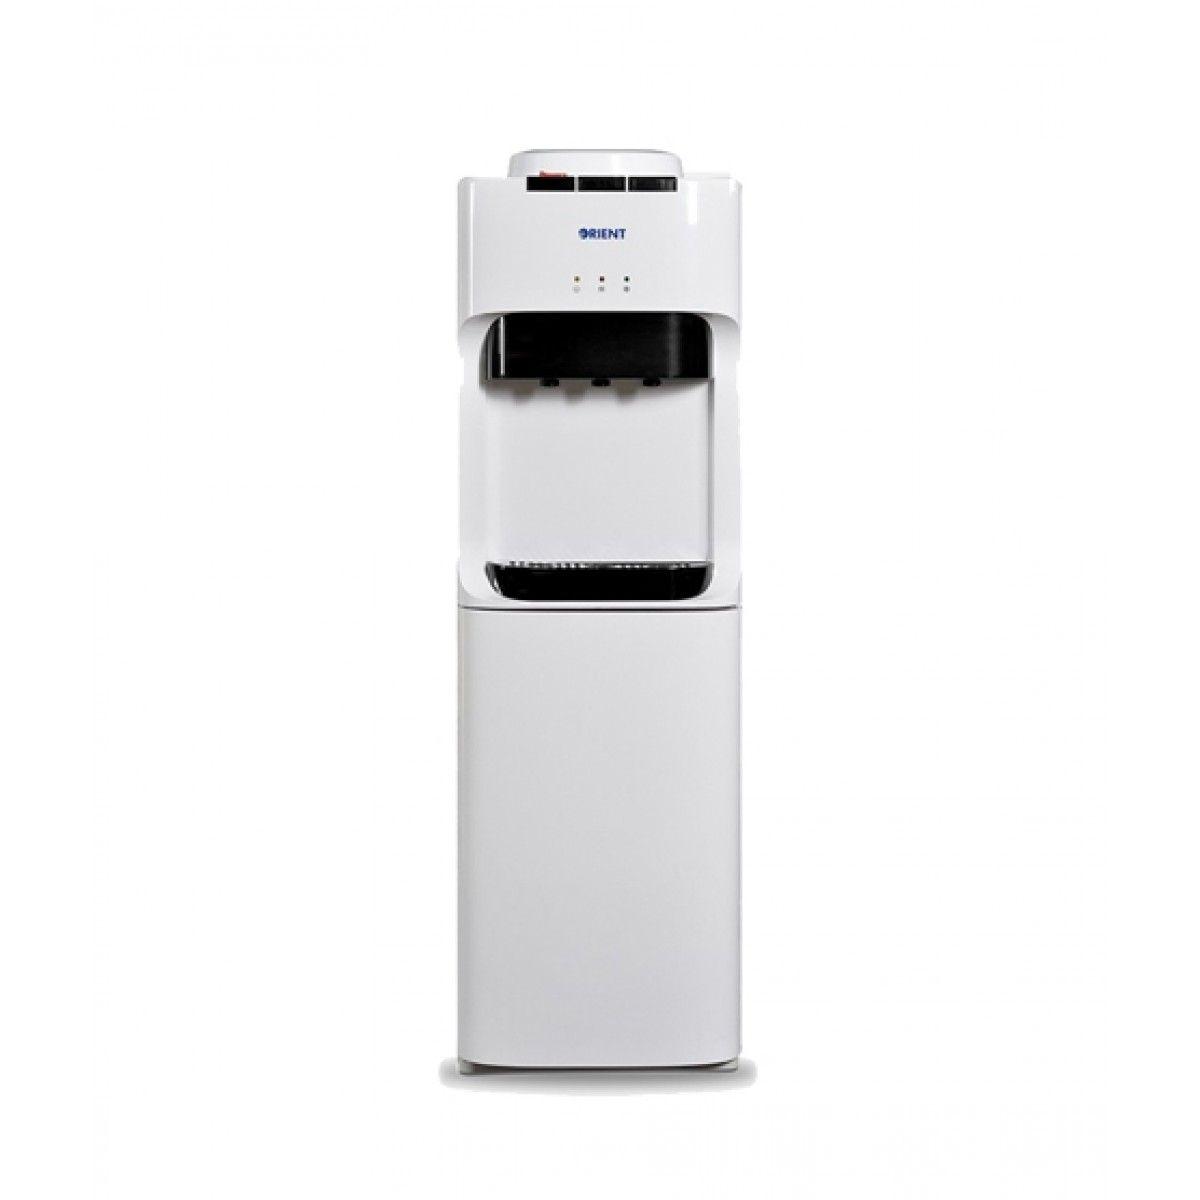 Orient 3 Taps OWD-533 Water Dispenser